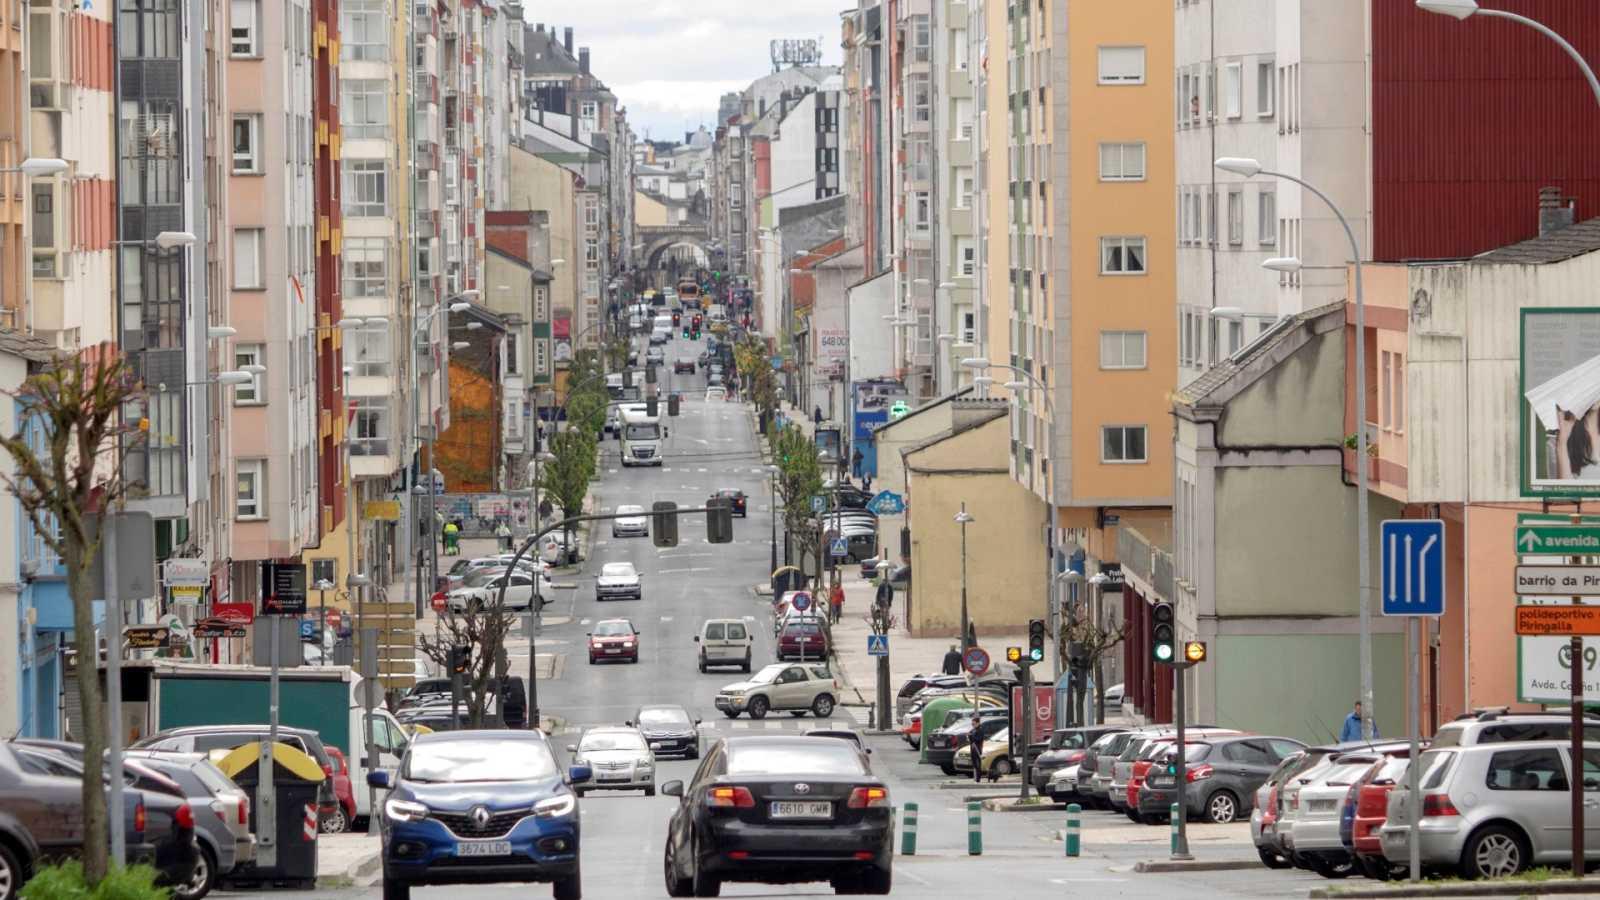 Repunta ligeramente el tráfico por carretera en España con la vuelta de la actividad no esencial